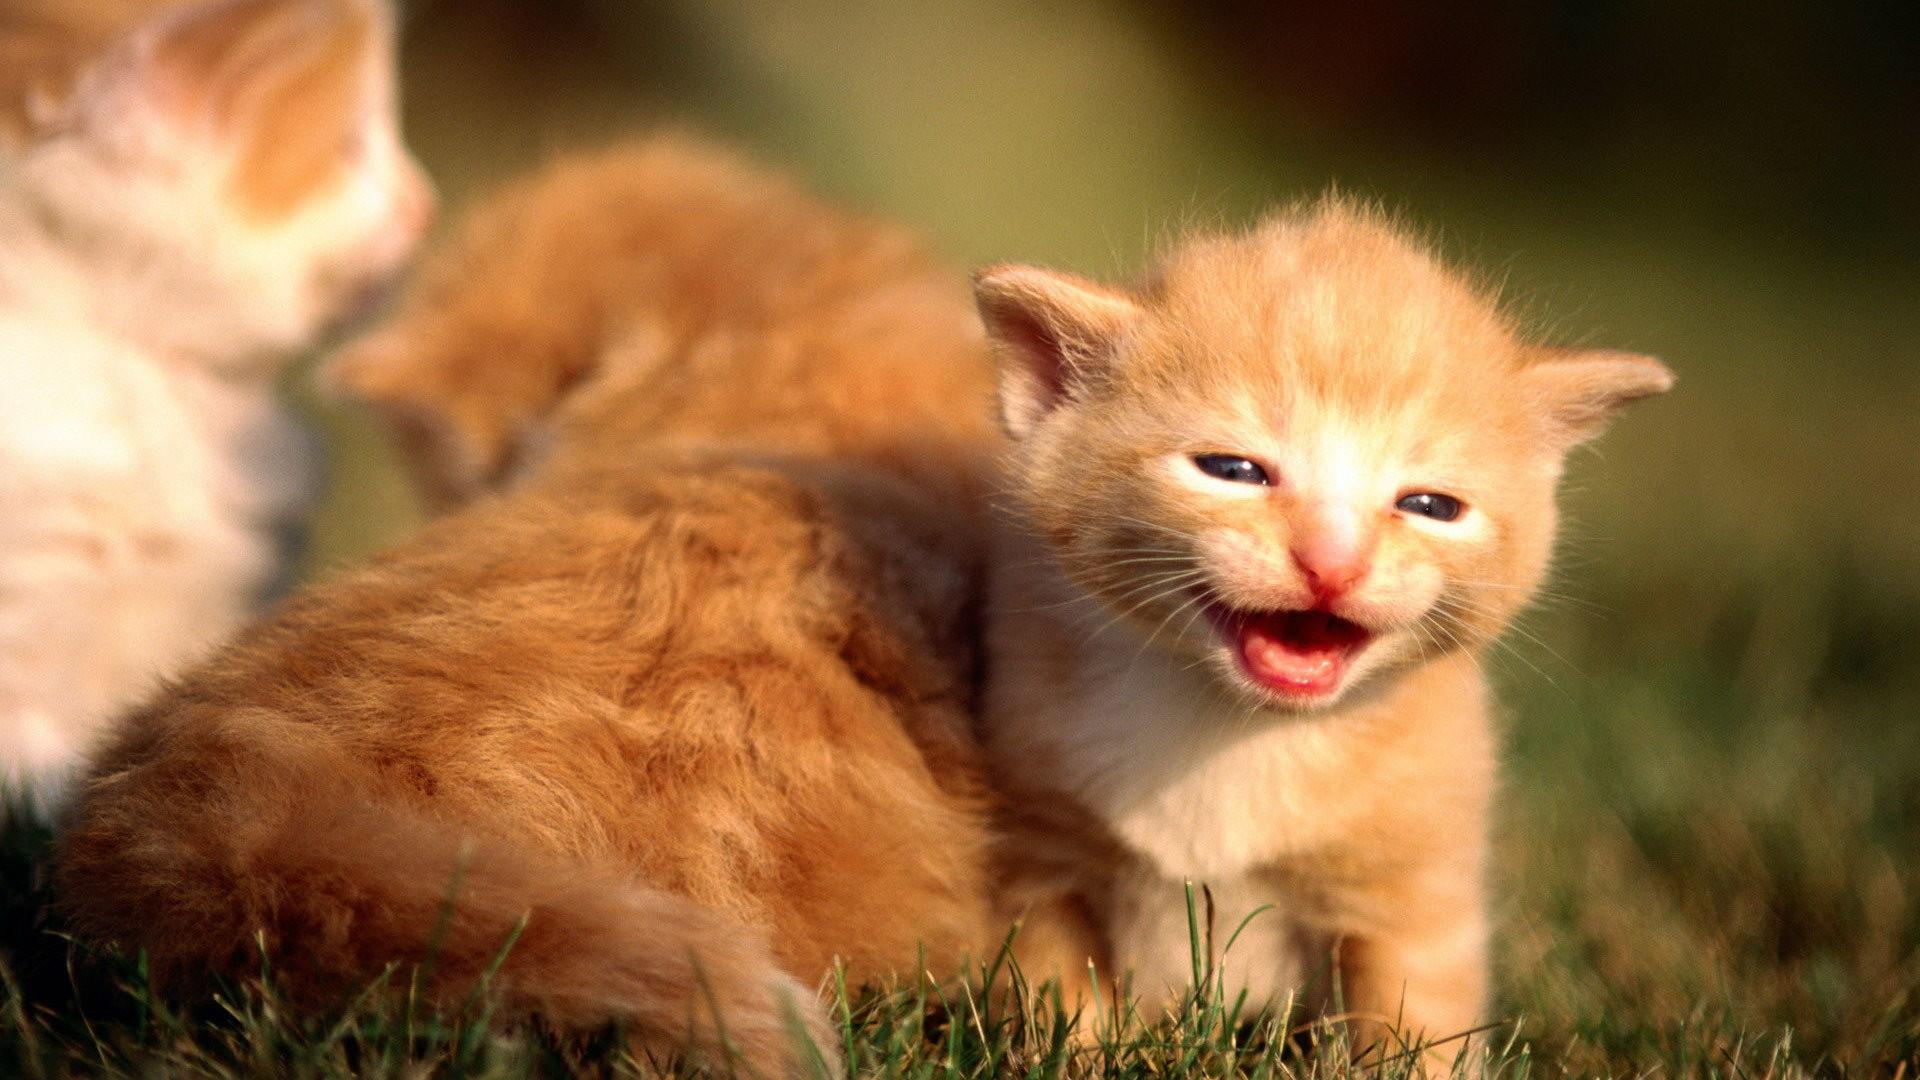 Cute Kittens Wallpaper Hd